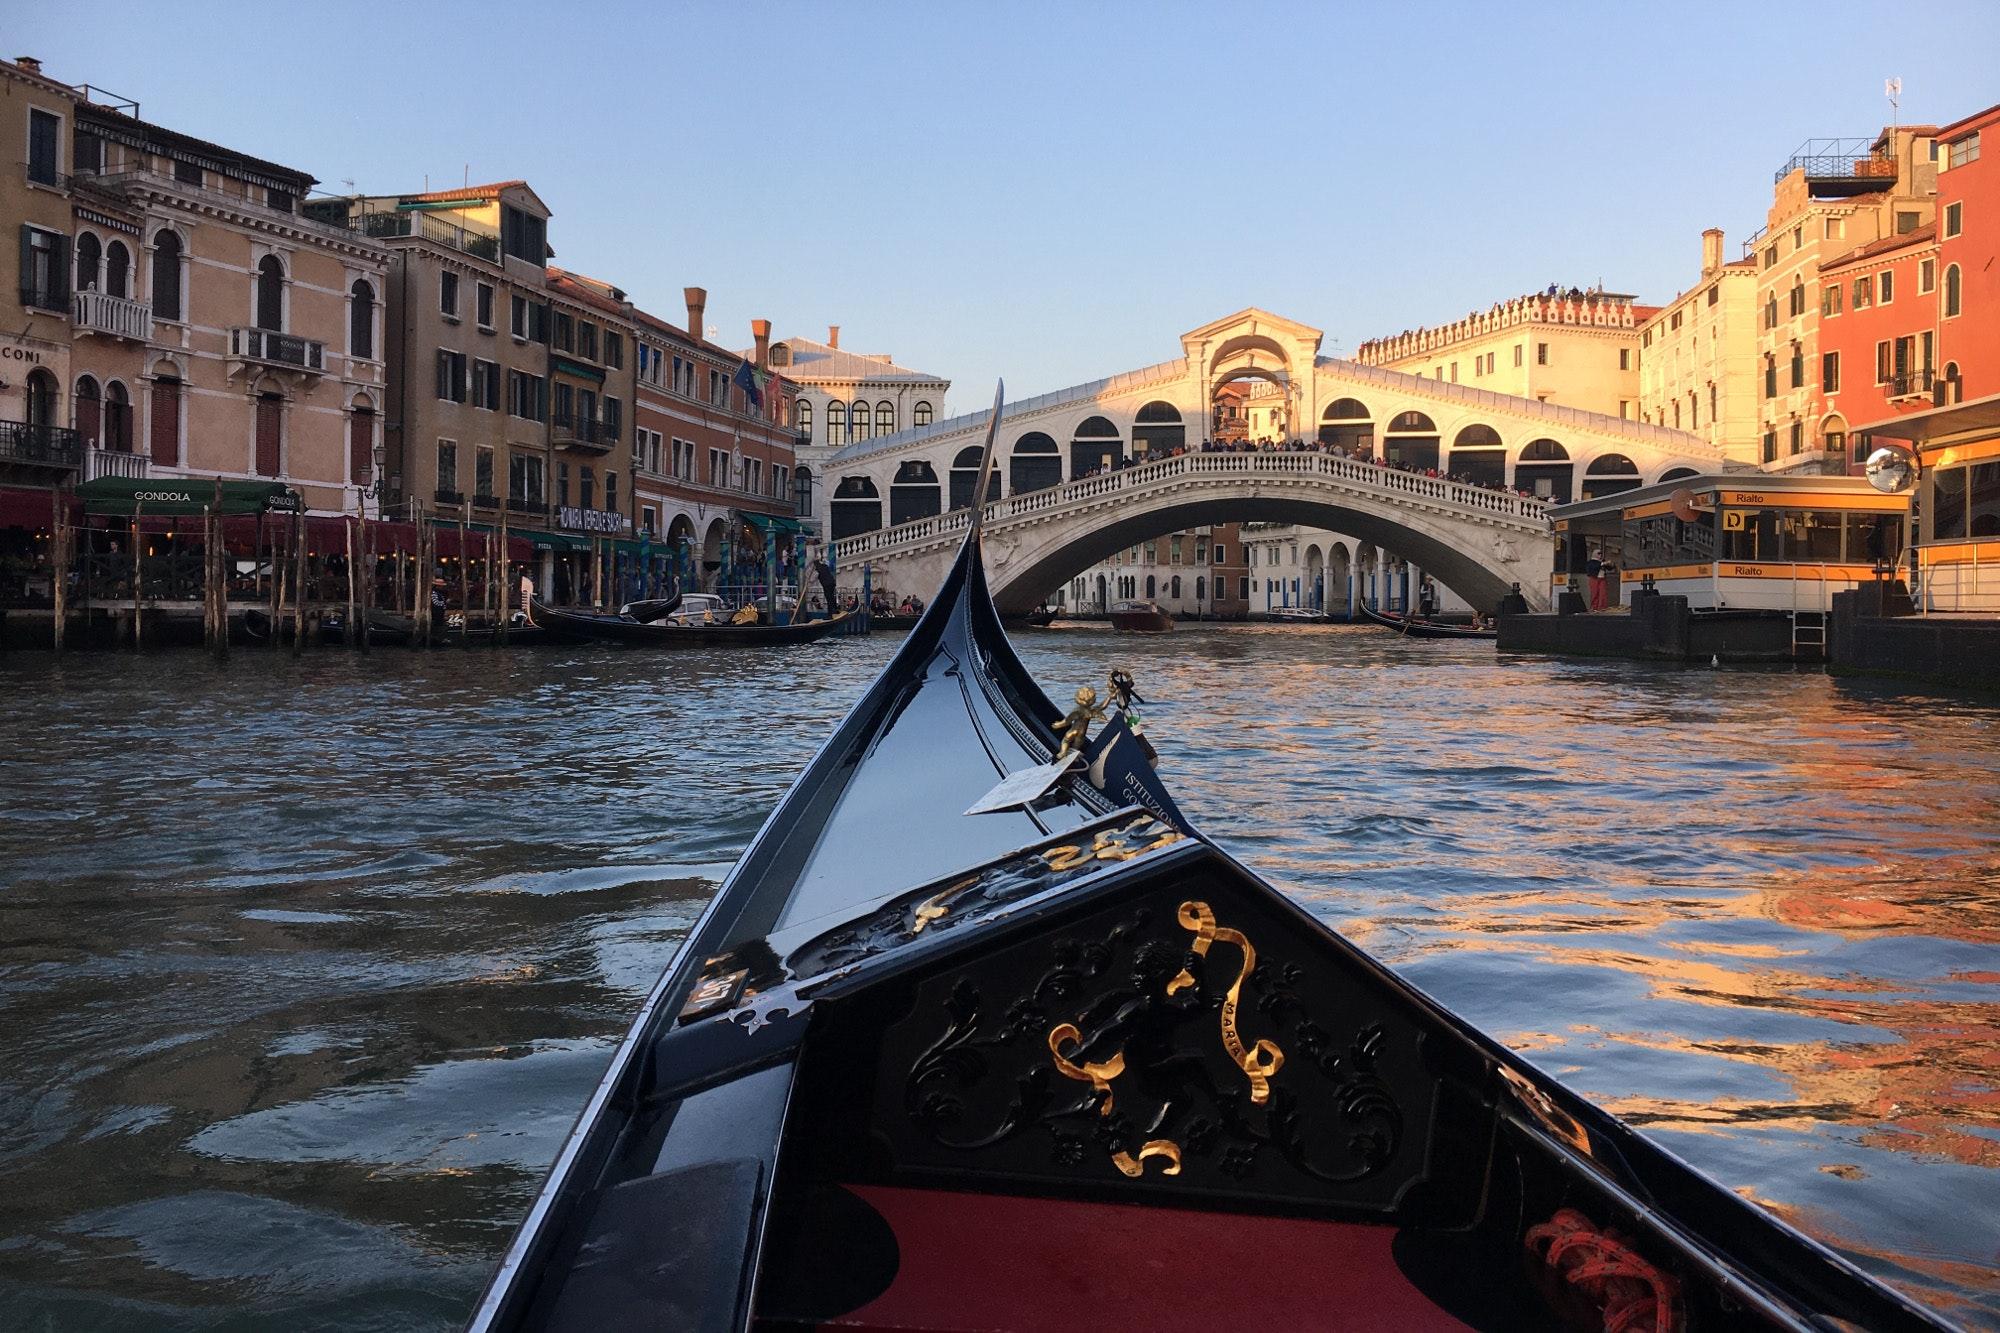 The front of a gondola facing the Rialto Bridge